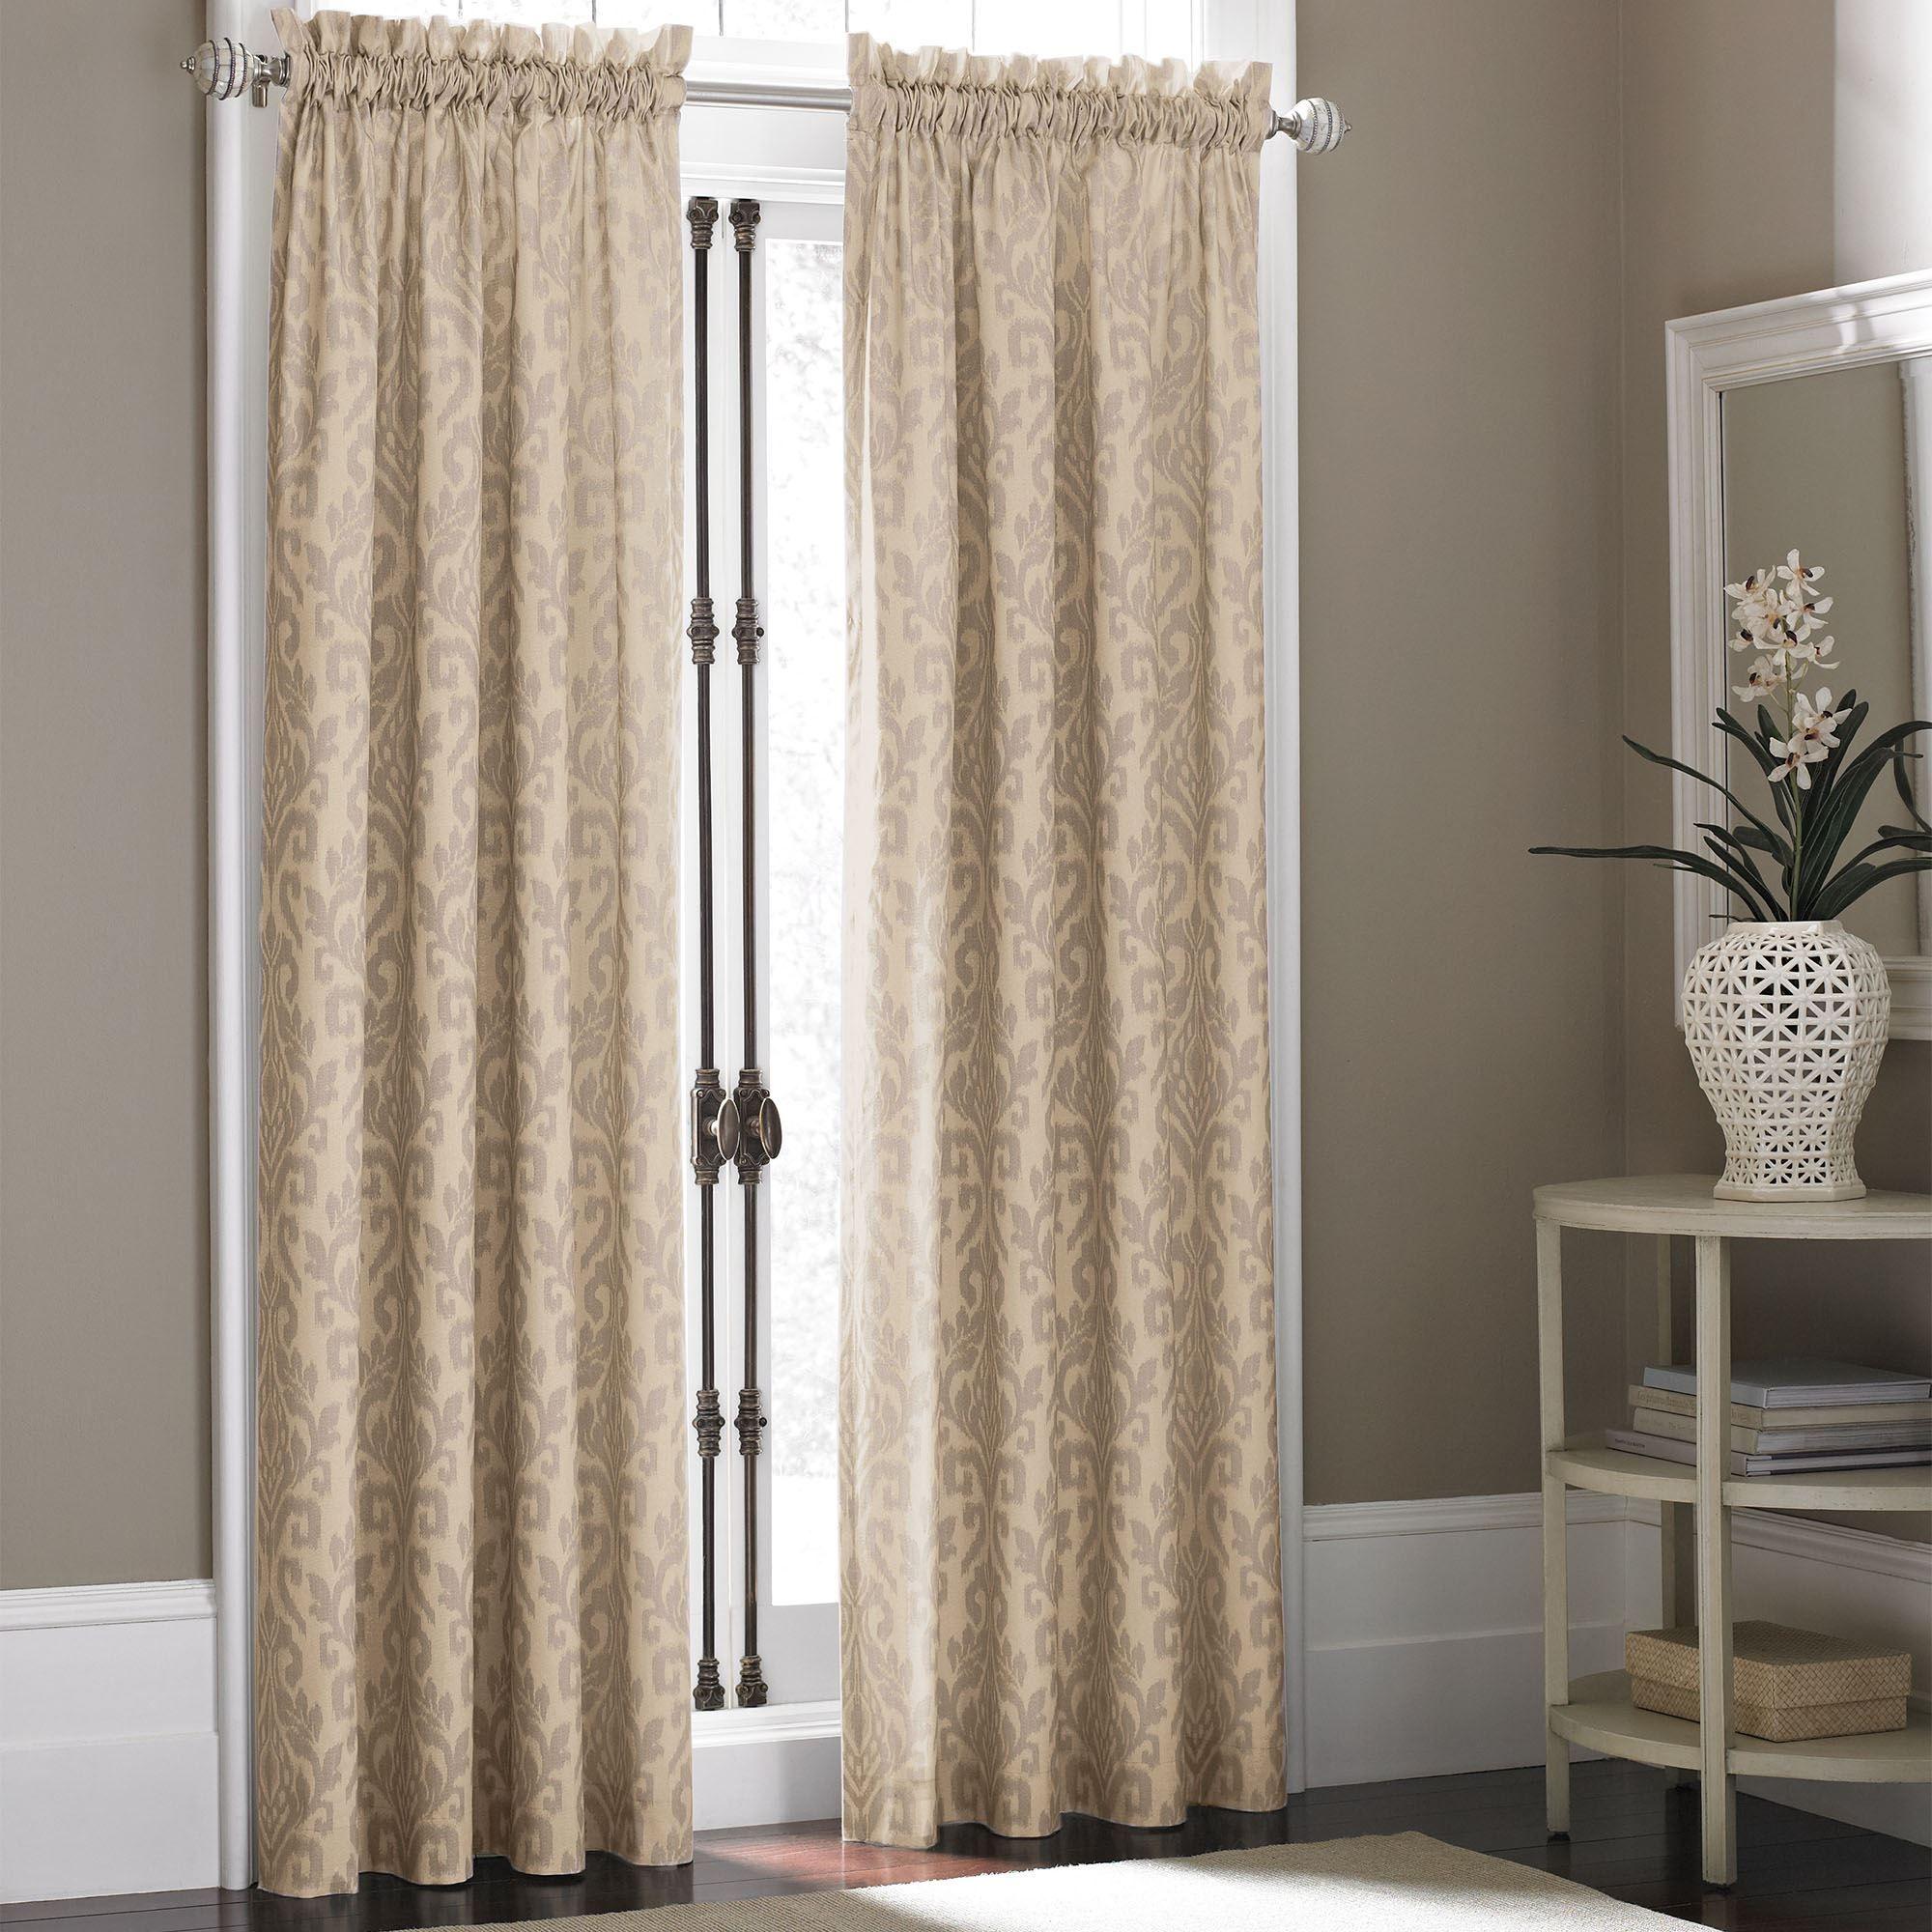 Ikat Window Curtains Curtain Menzilperde Net